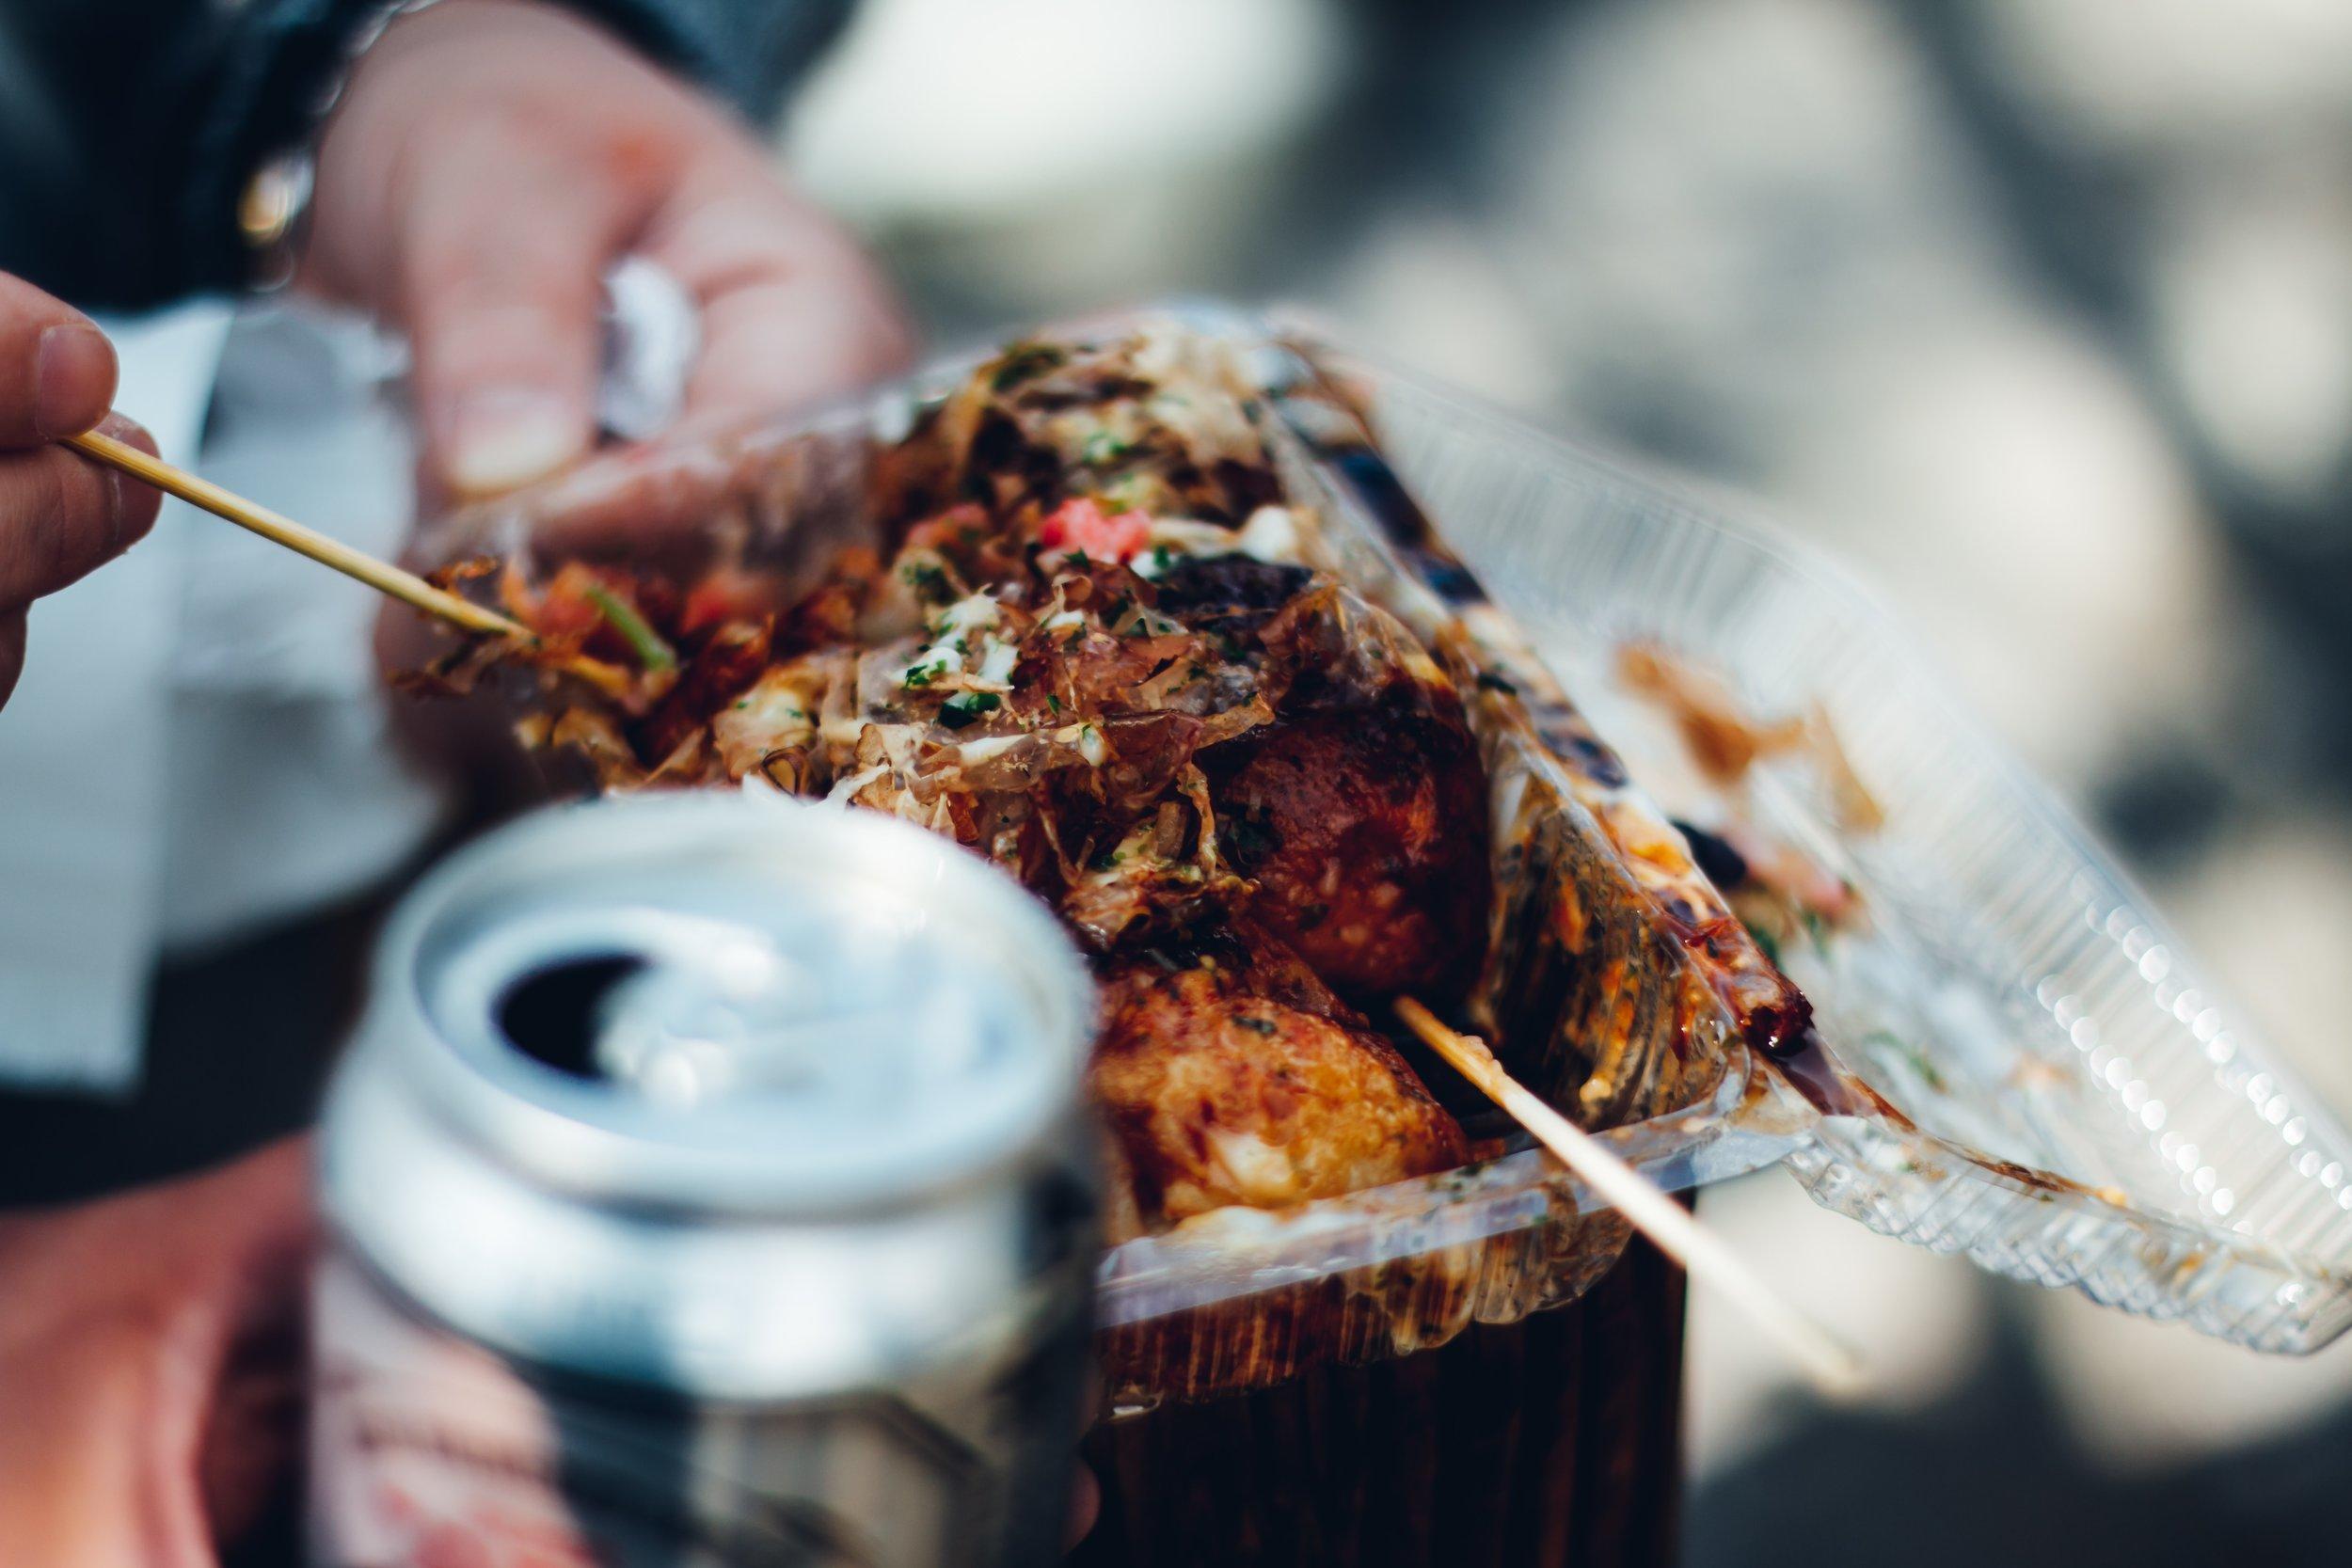 takoyaki dish being eaten next to a beer